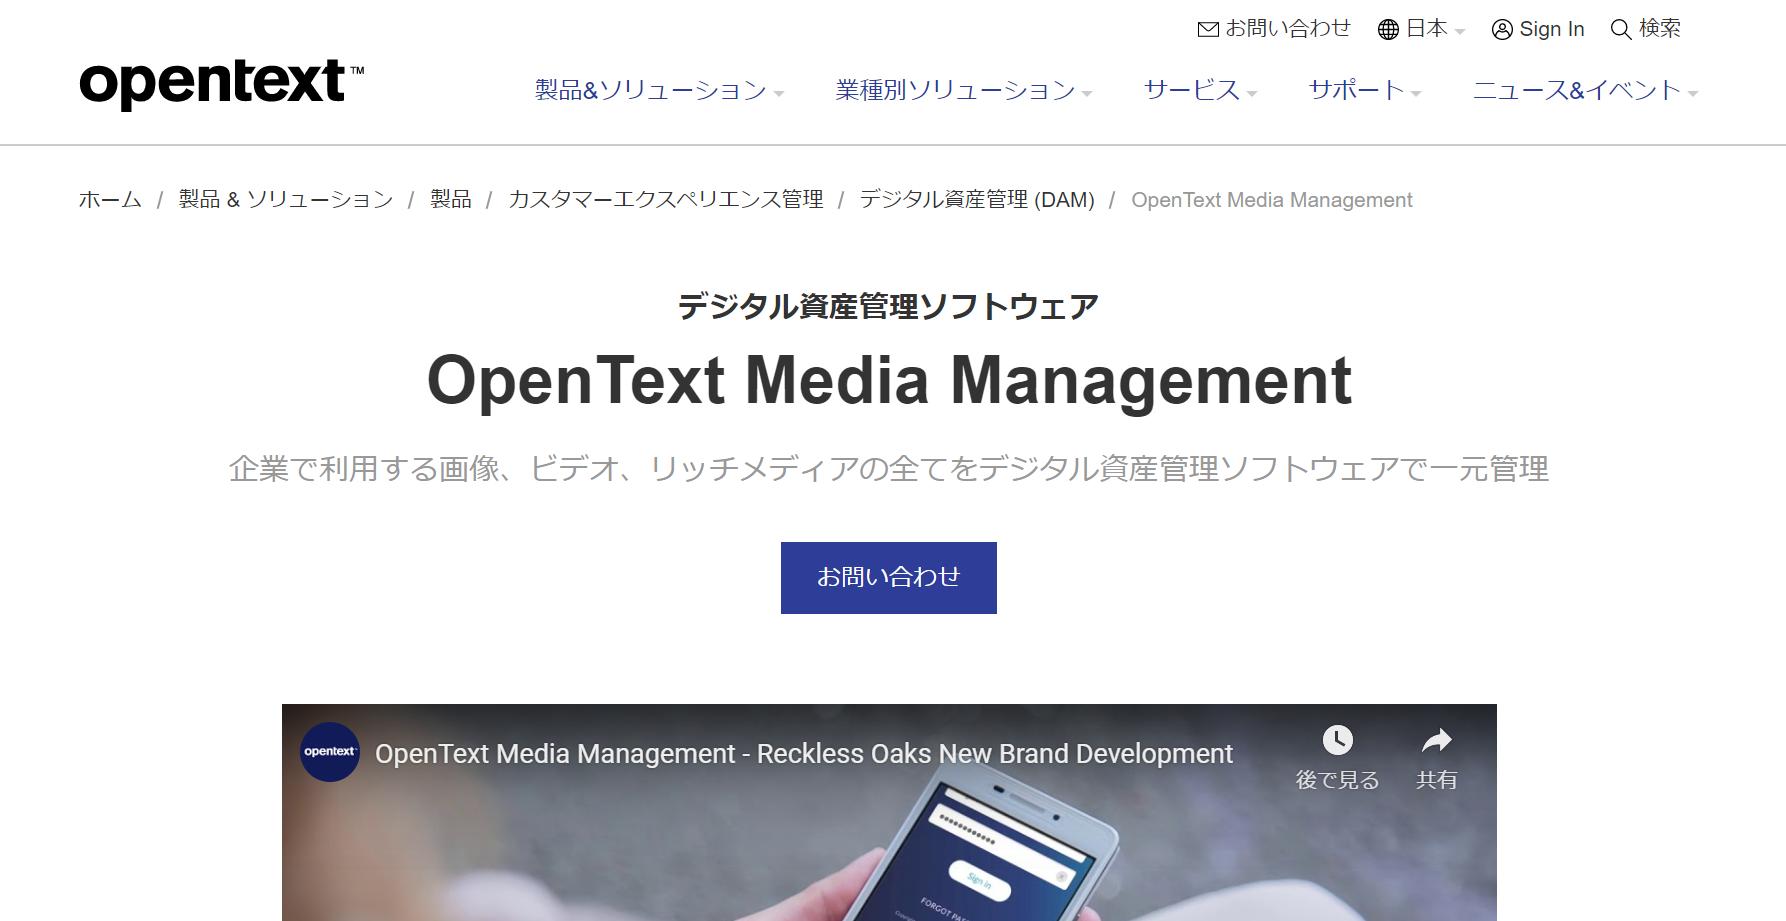 OpenText Media Management